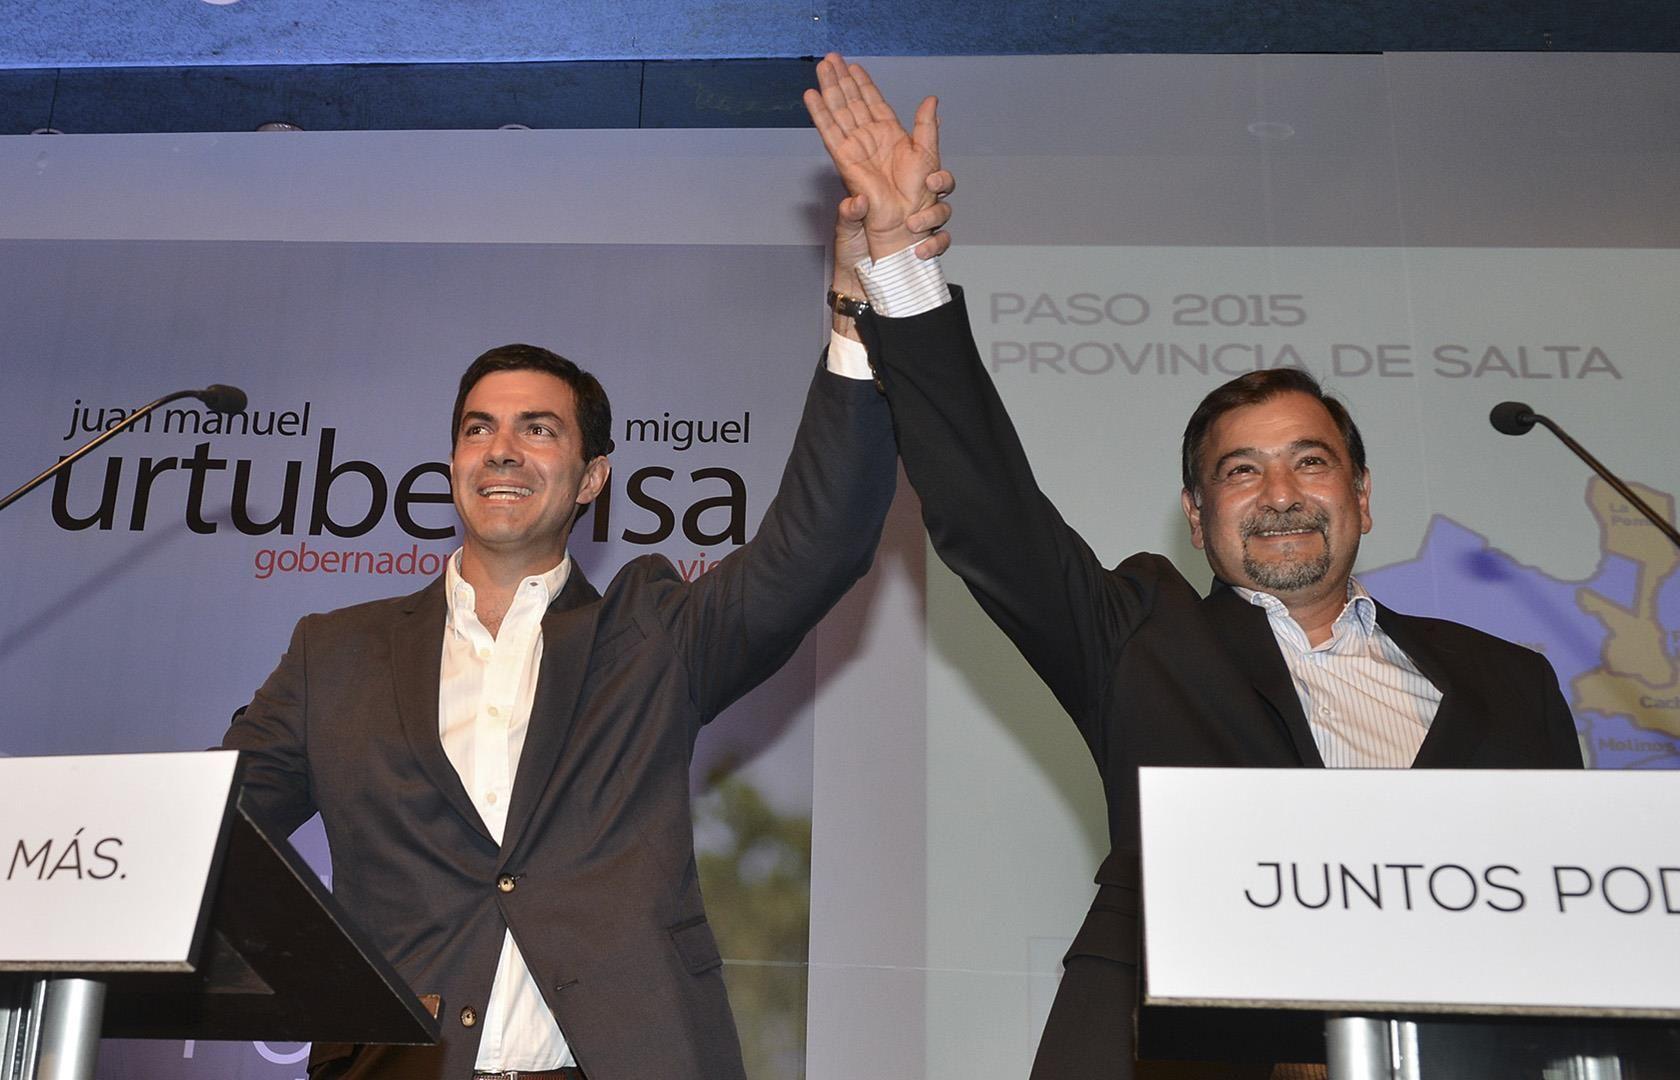 """Juan Manuel Urtubey festejó el triunfo en las PASO : """"En Salta no se vuelve atrás, en Salta hay futuro para todos"""""""